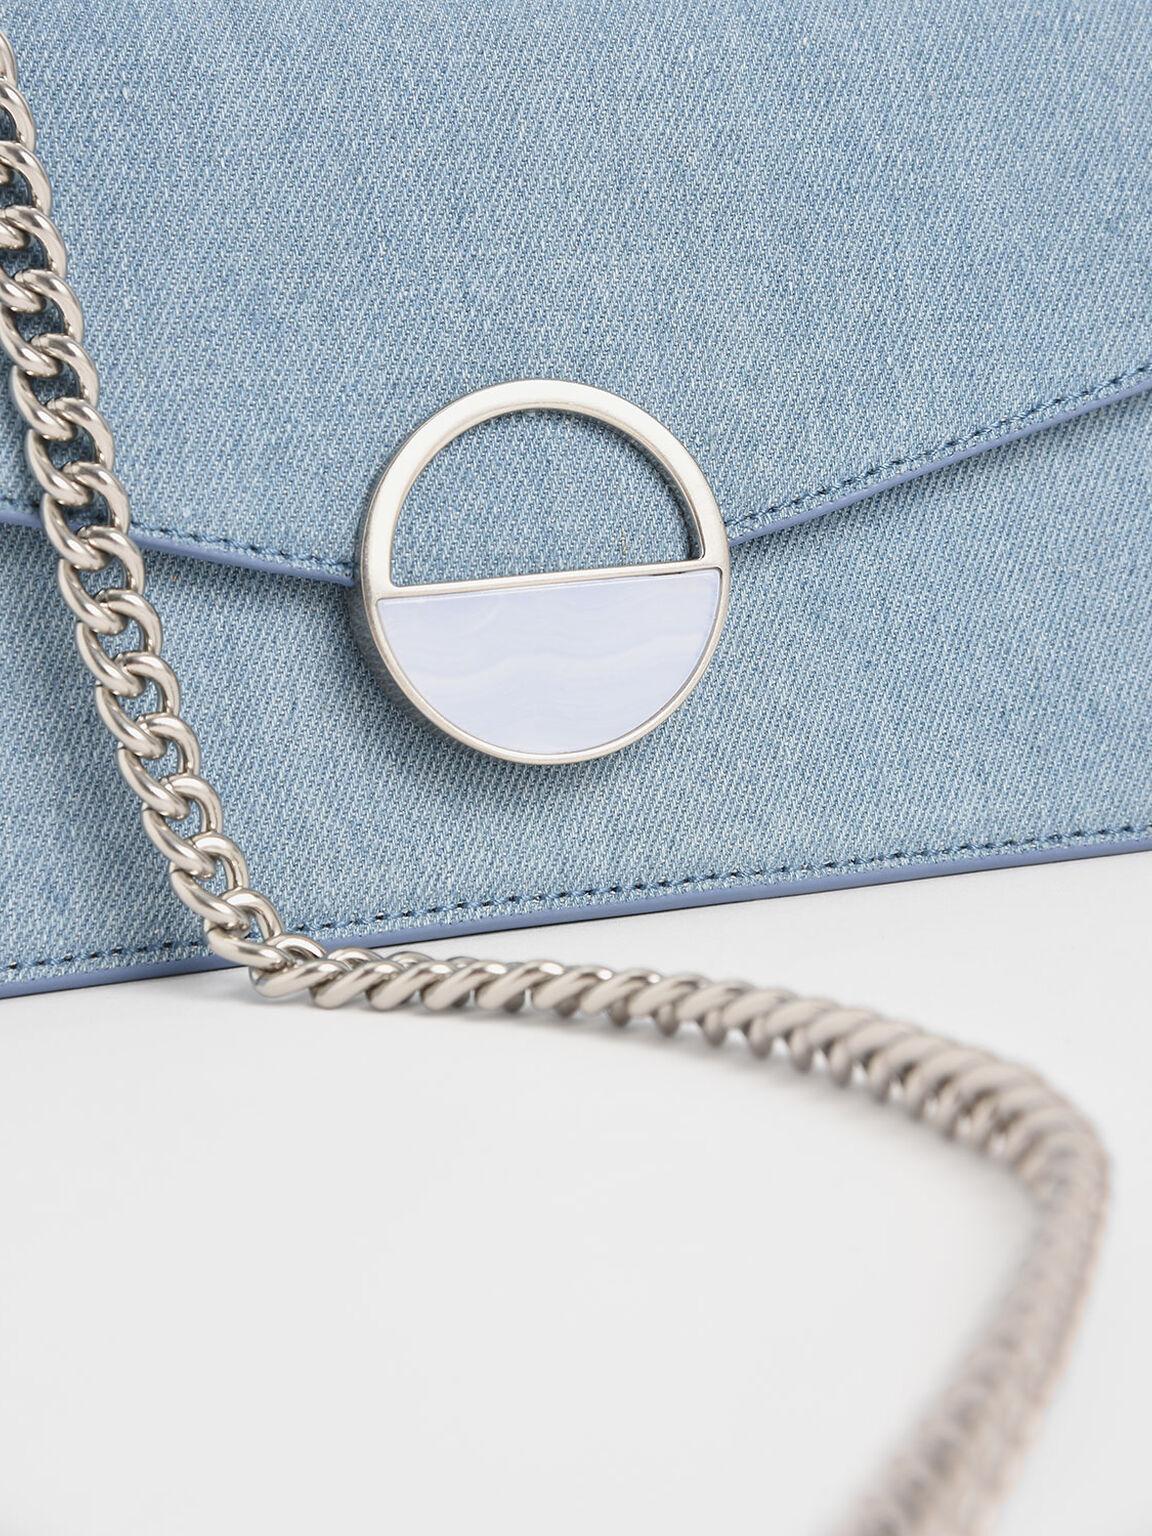 Stone Embellished-Buckle Shoulder Bag, Denim Blue, hi-res